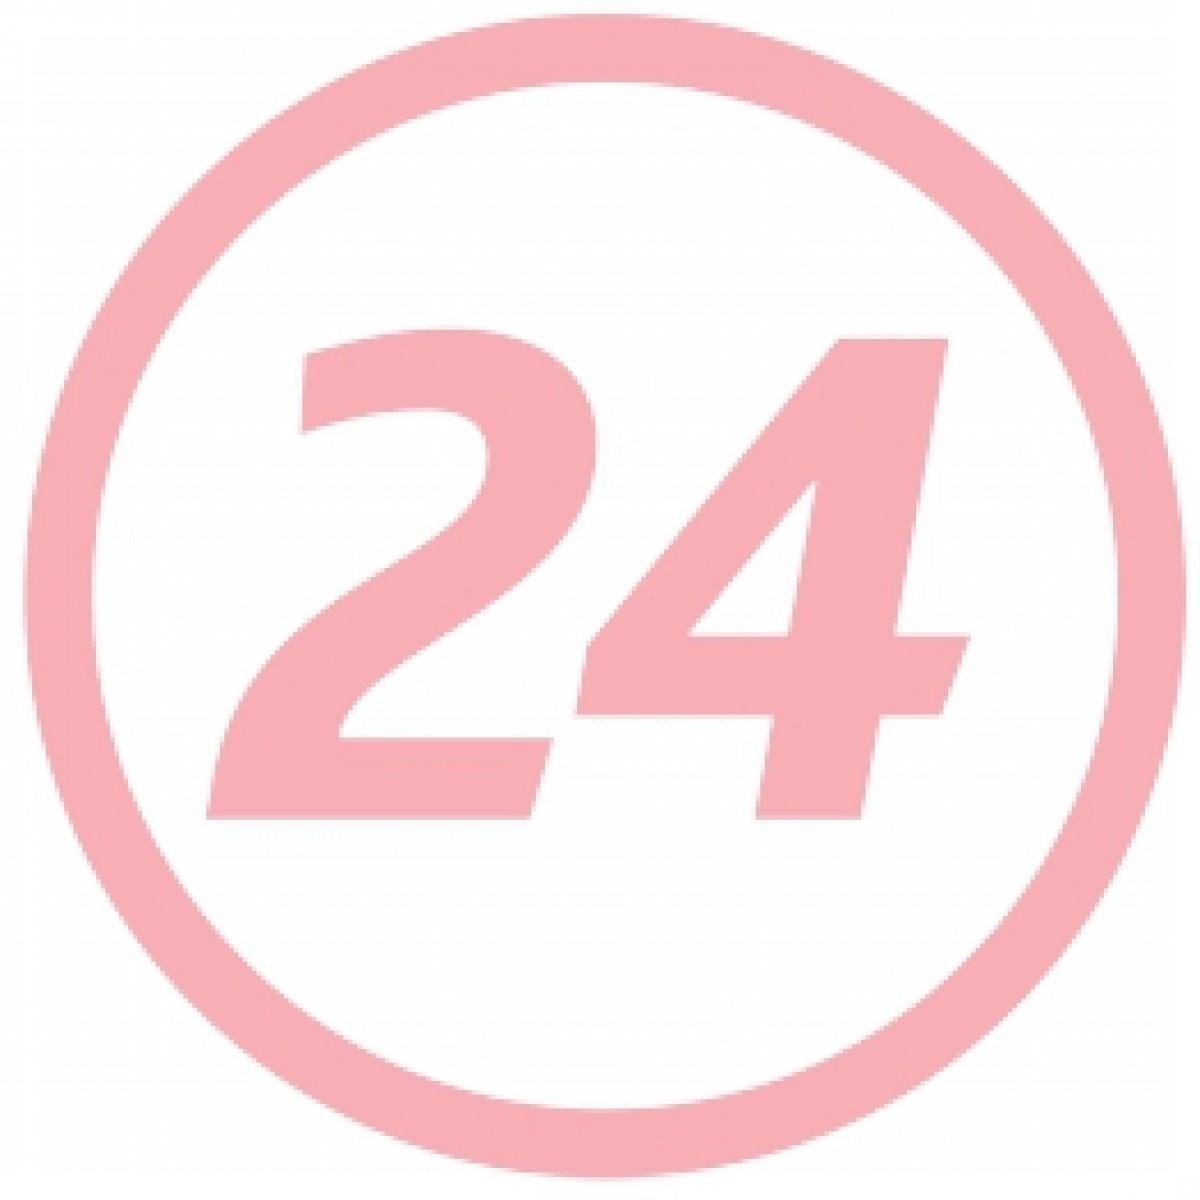 Hartmann Molicare Mobile Chilot Adulti pentru Incontinenta Severa Marimea XL, Scutece Adulti, 14buc